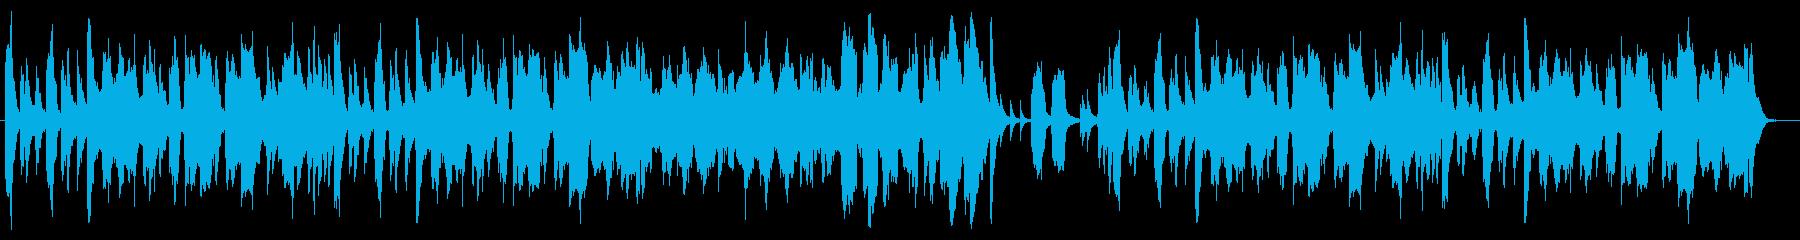 ジブリ風のんびり長閑なオーケストラBGMの再生済みの波形